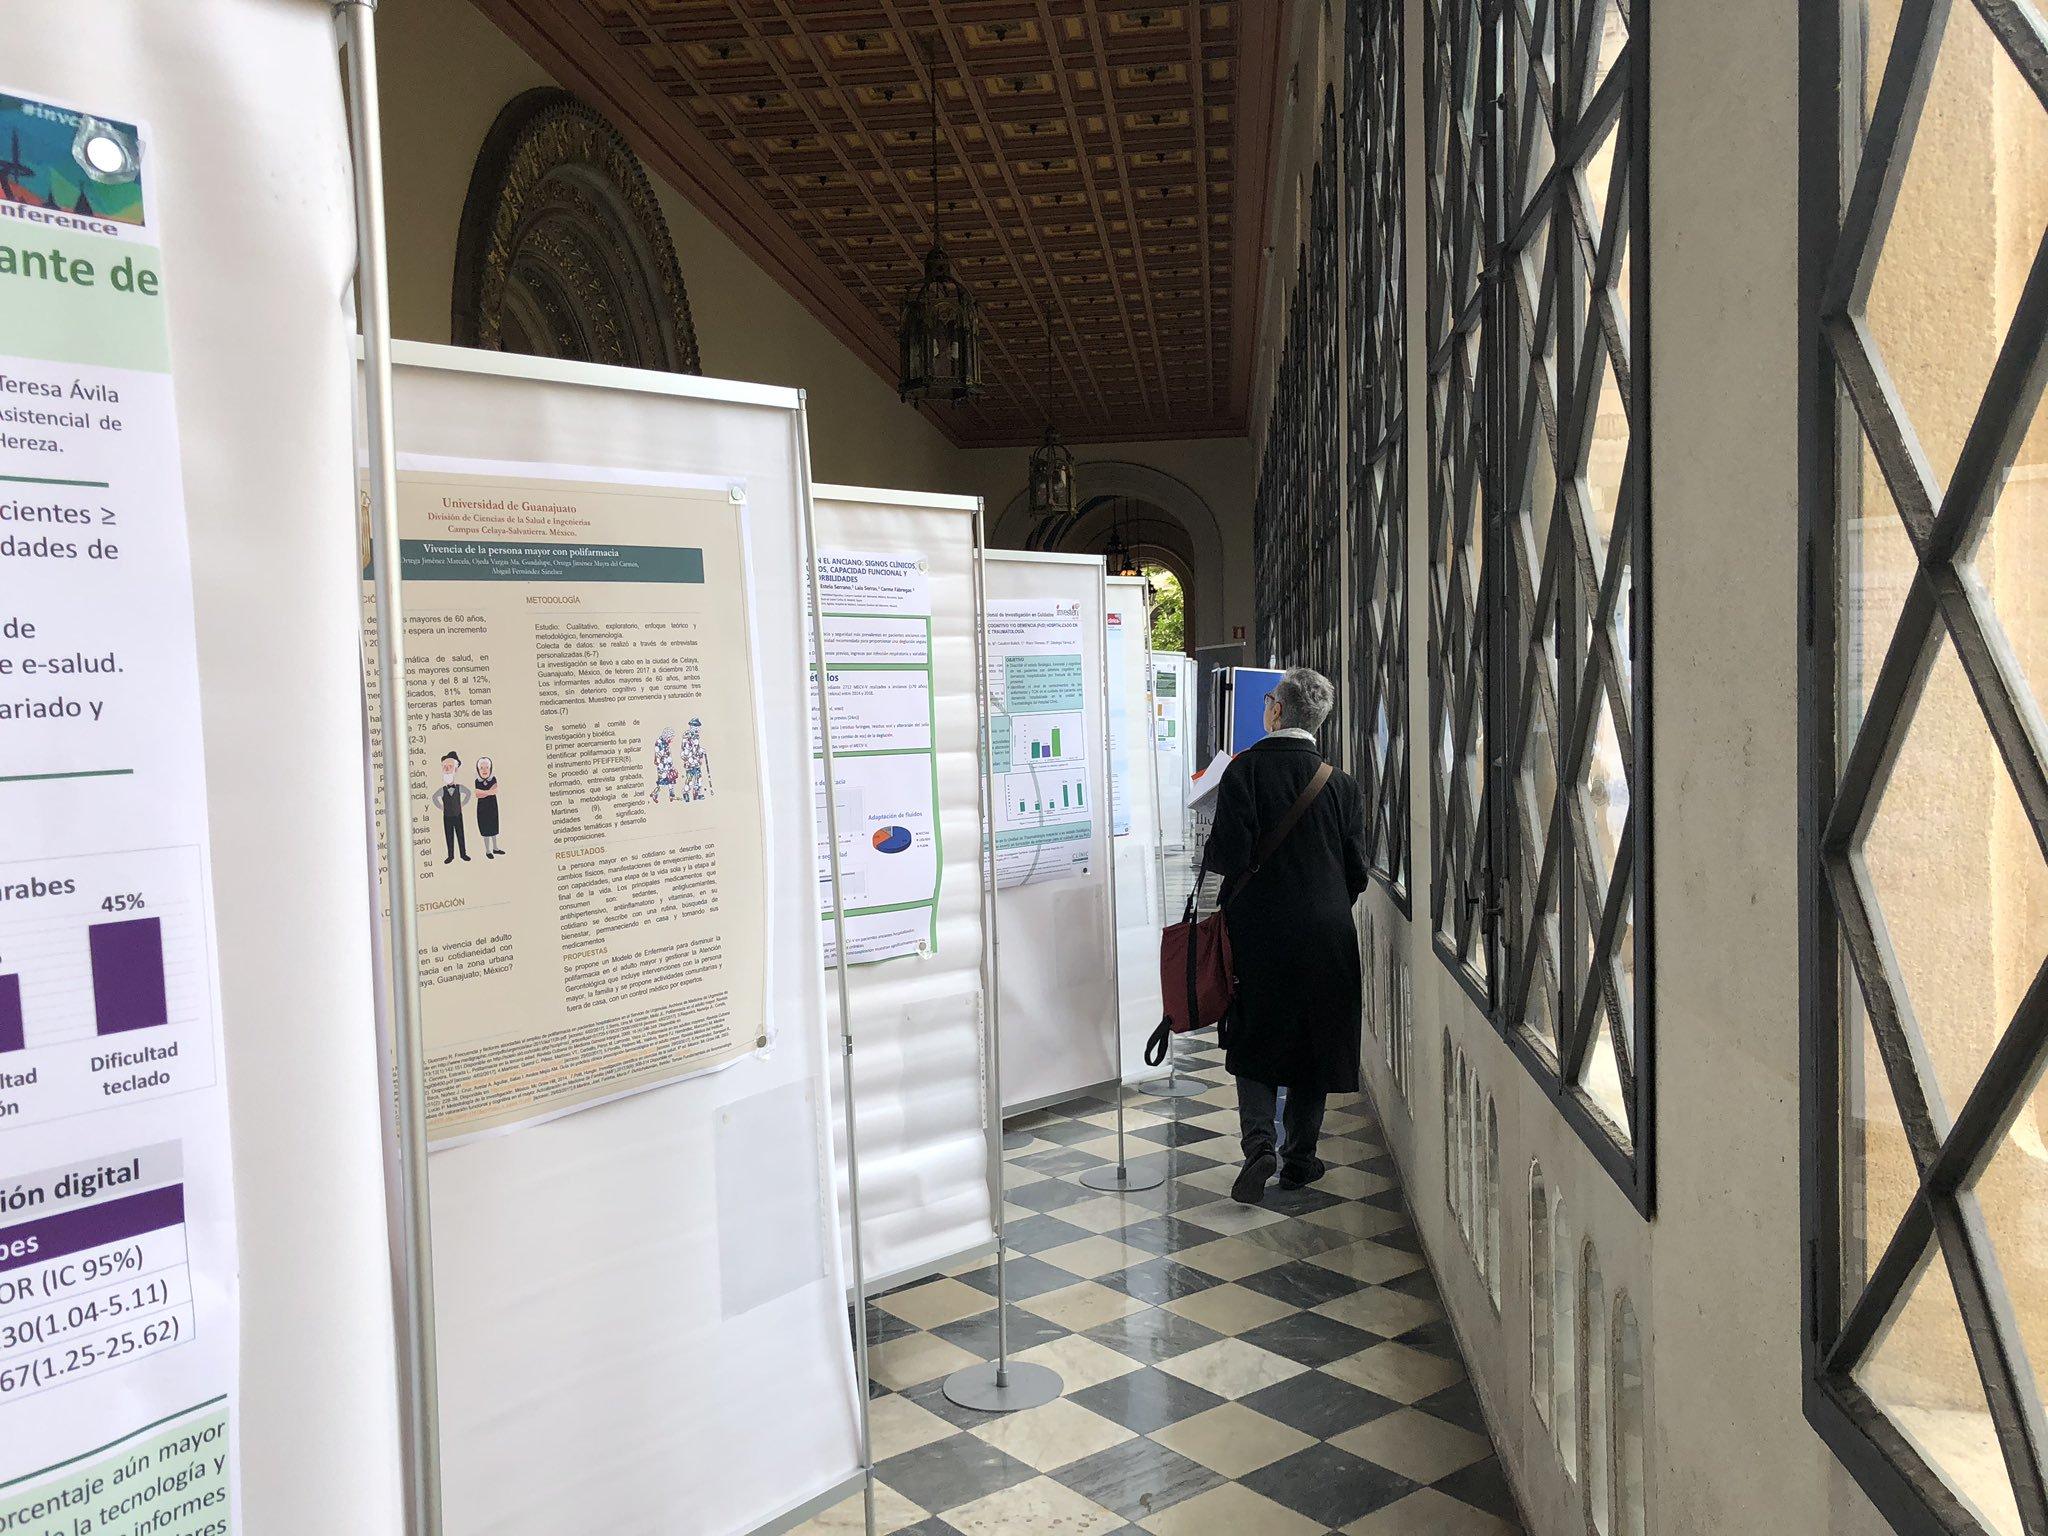 Més de 500 infermeres i infermers es reuneixen a Barcelona per conèixer els avenços científics en les cures